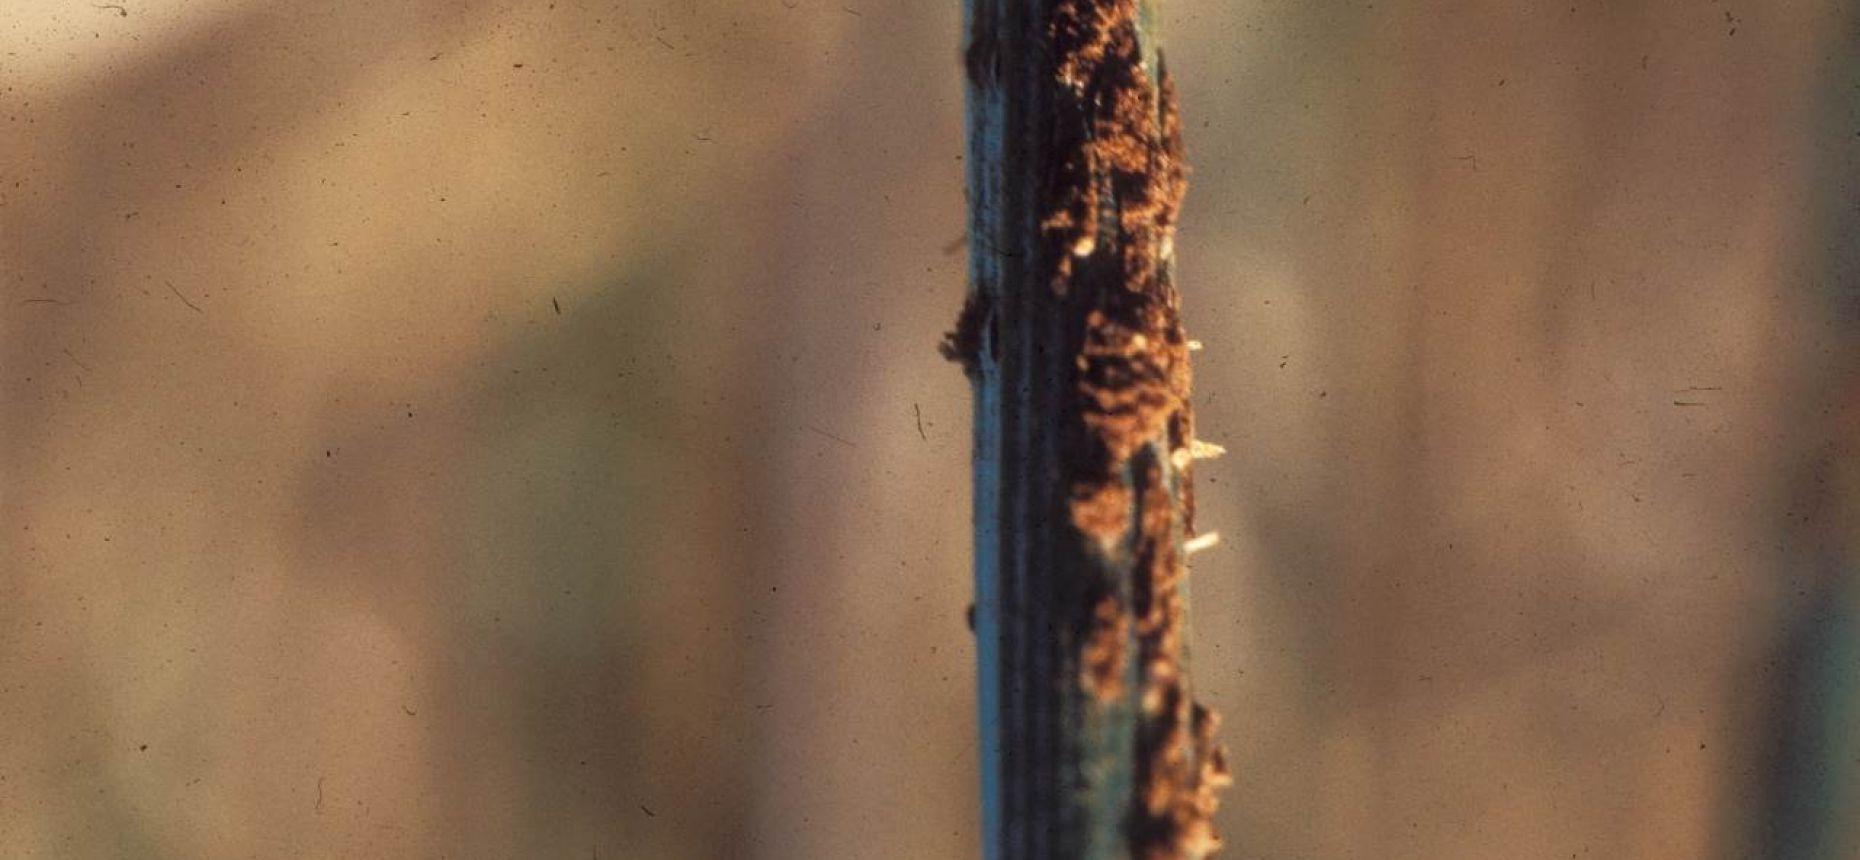 Стеблевая (линейная) ржавчина злаковых культур - Puccinia graminis